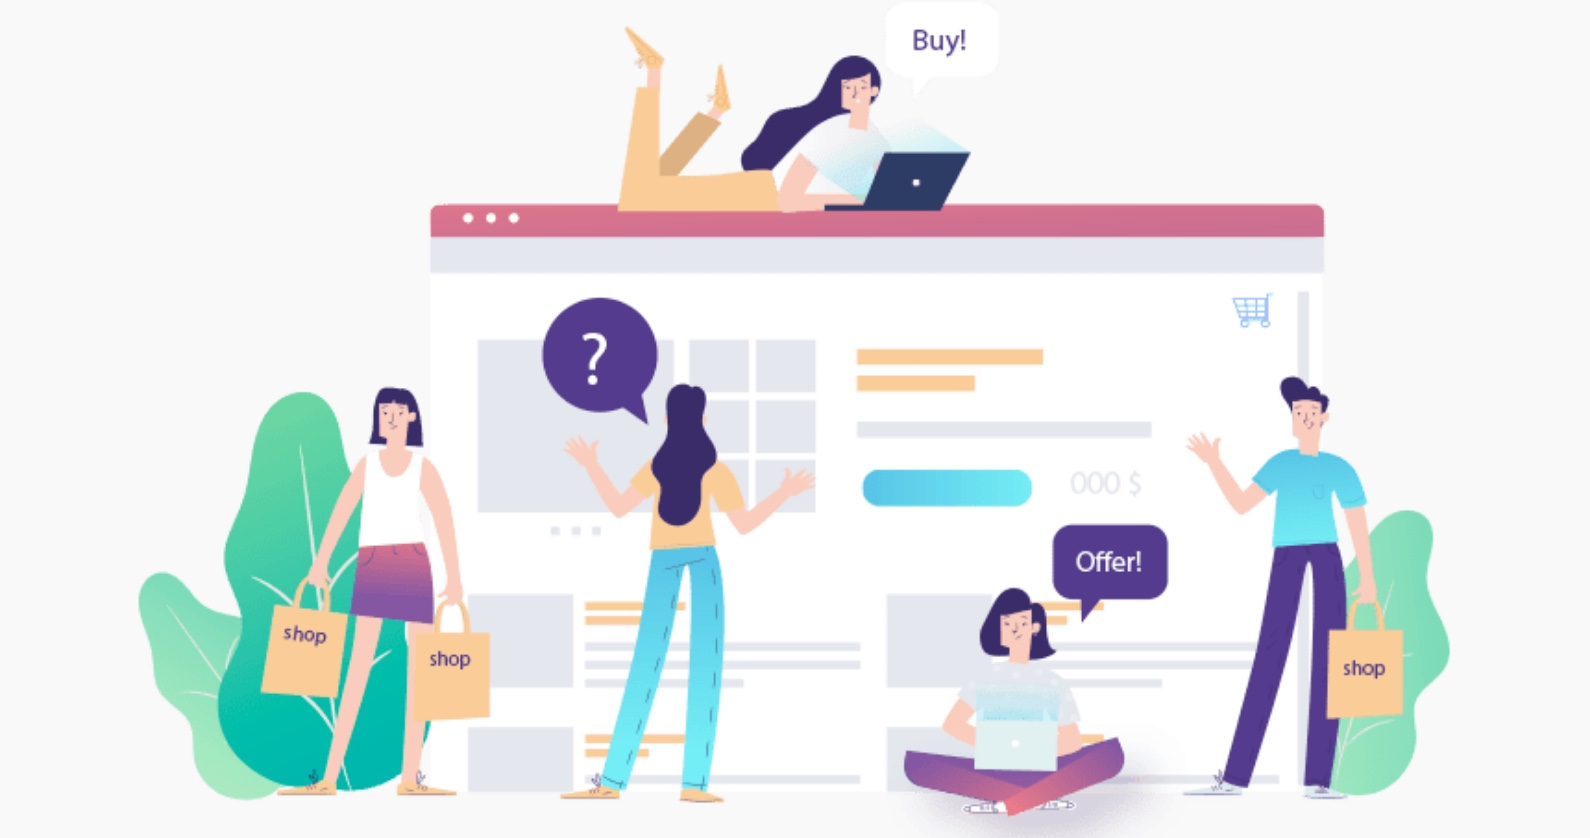 Giải pháp chuyển đổi số: Gói E - Commerce